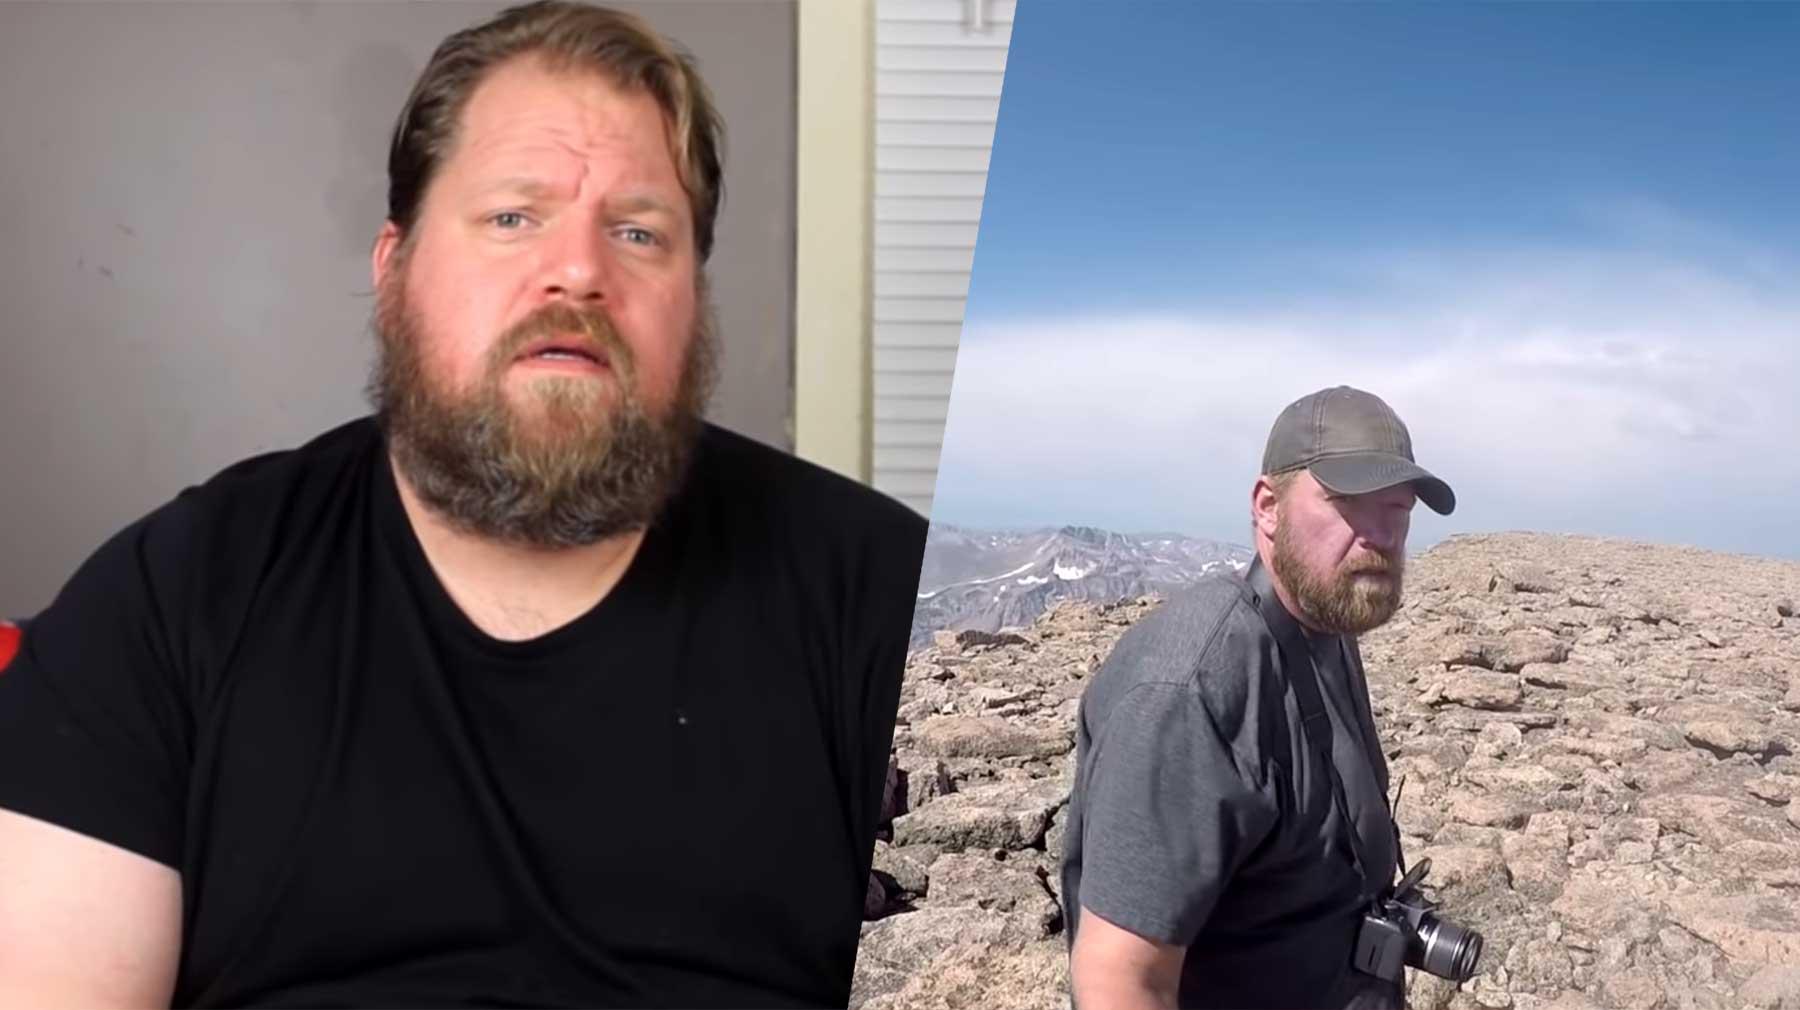 Keith Holt nahm 65kg ab, um einen Berggipfel erwandern zu können Keith-Holt-6-monate-abnehmen